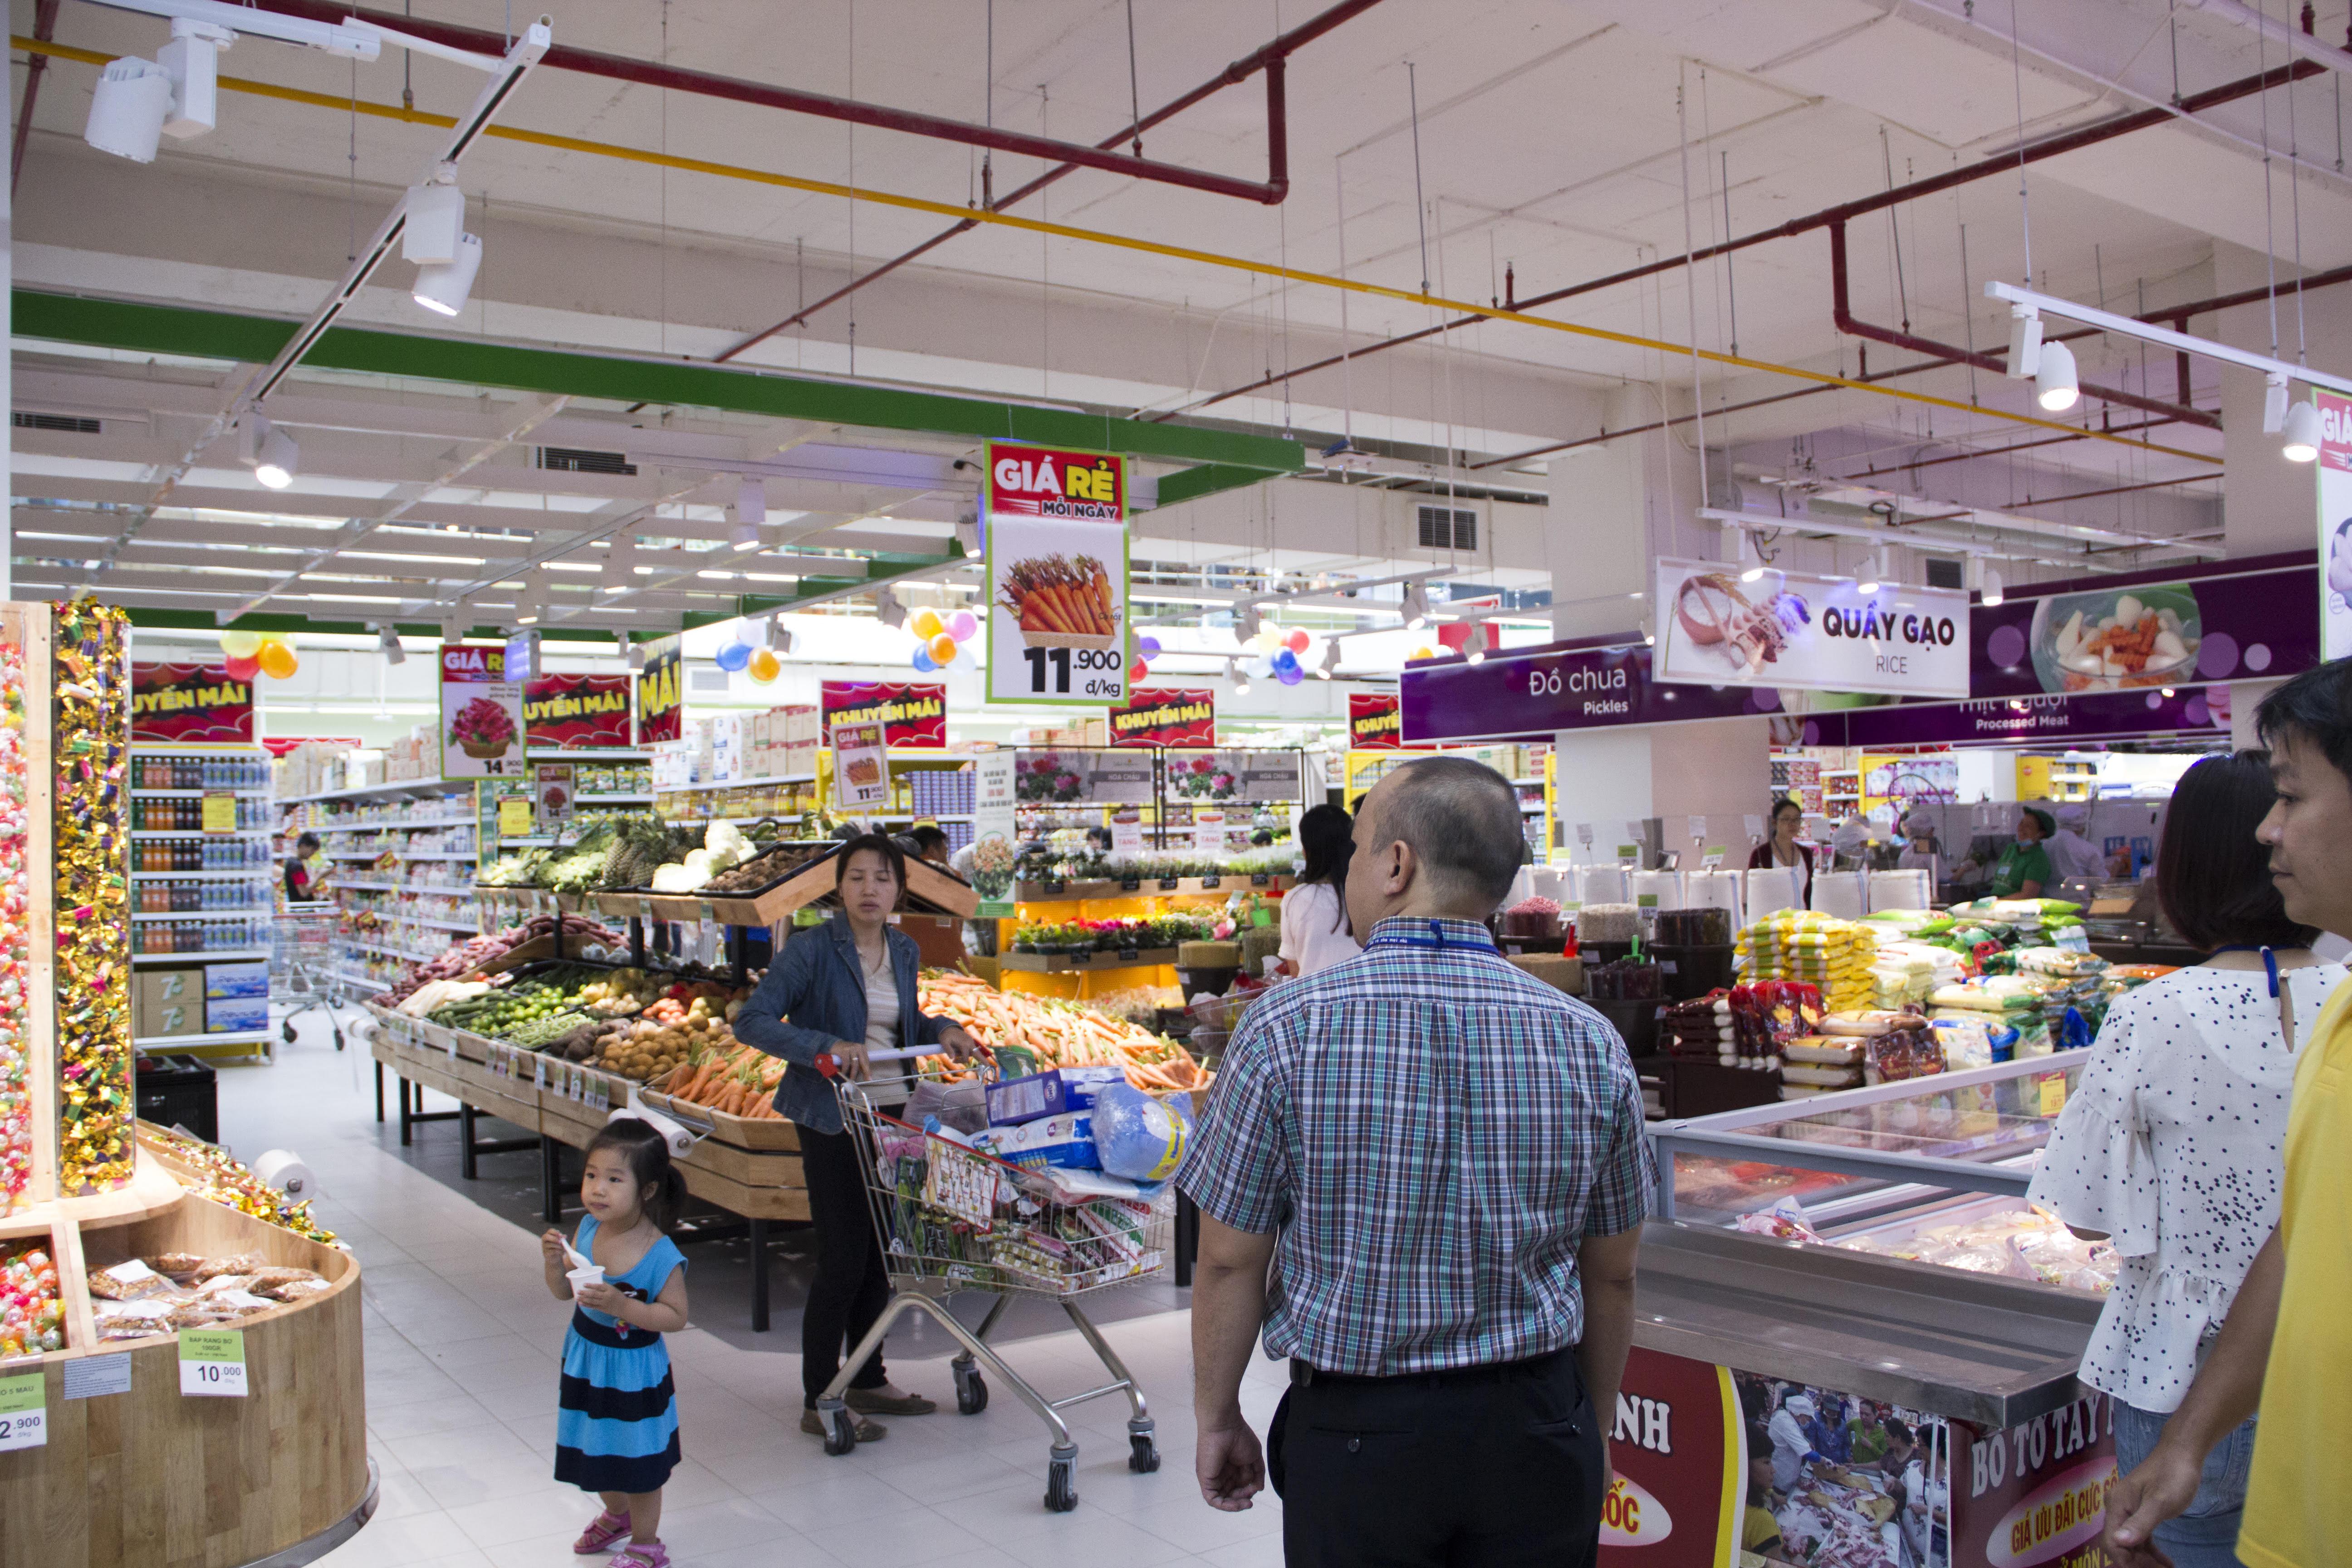 Siêu thị BigC ở khối đế Thương mại thu hút đông đảo người dân đến mua sắm.